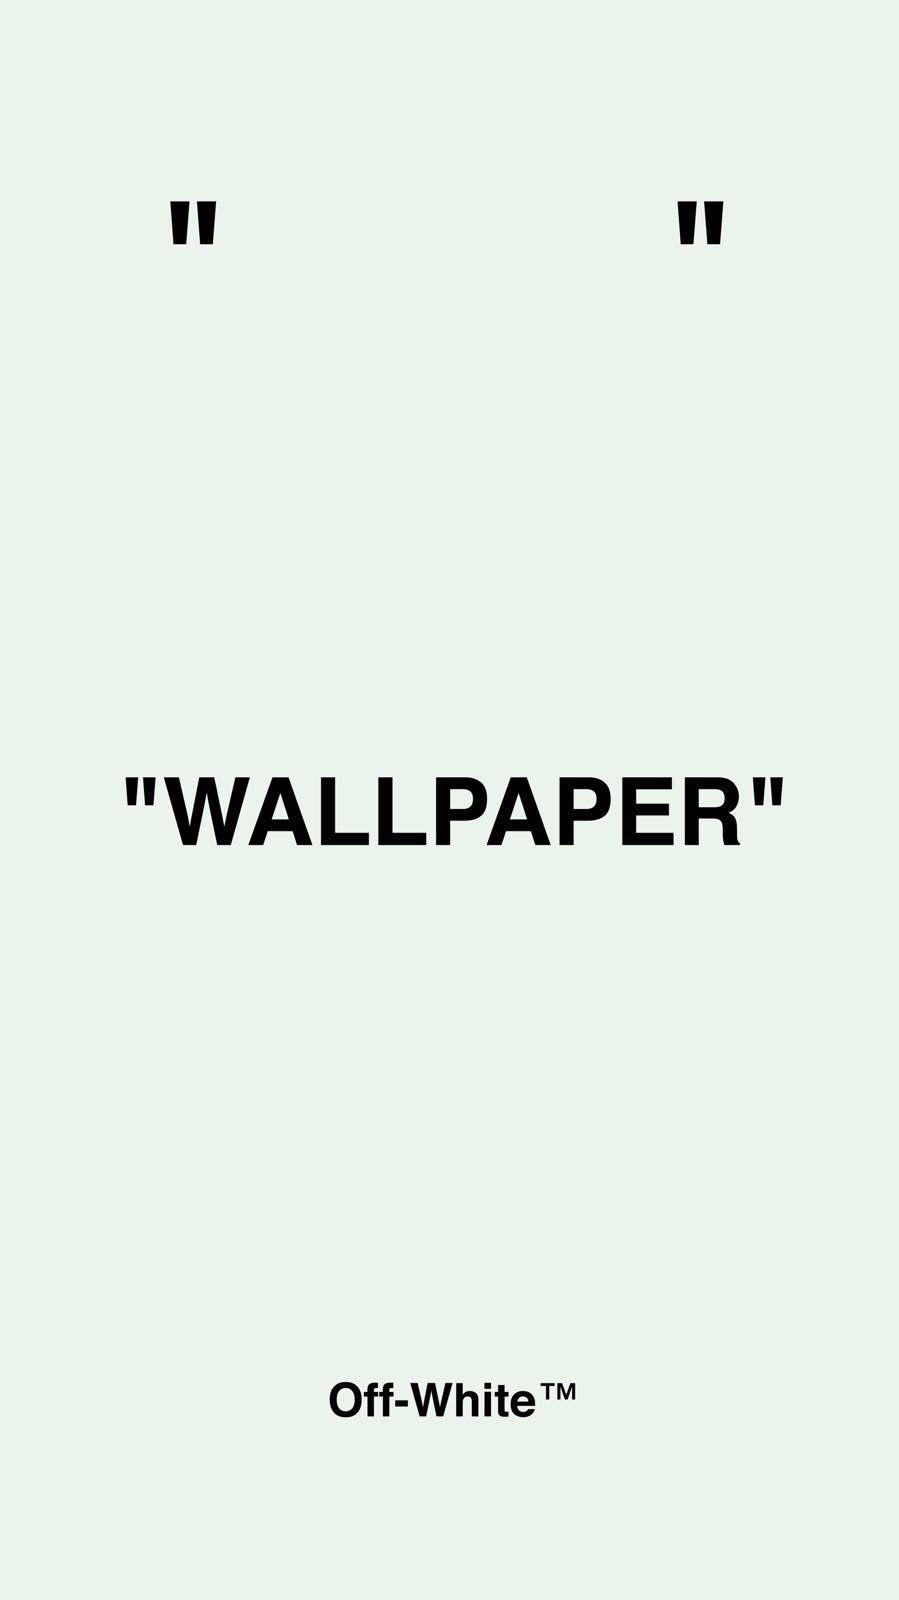 Off White On Twitter White Wallpaper For Iphone Iphone Wallpaper Off White White Wallpaper